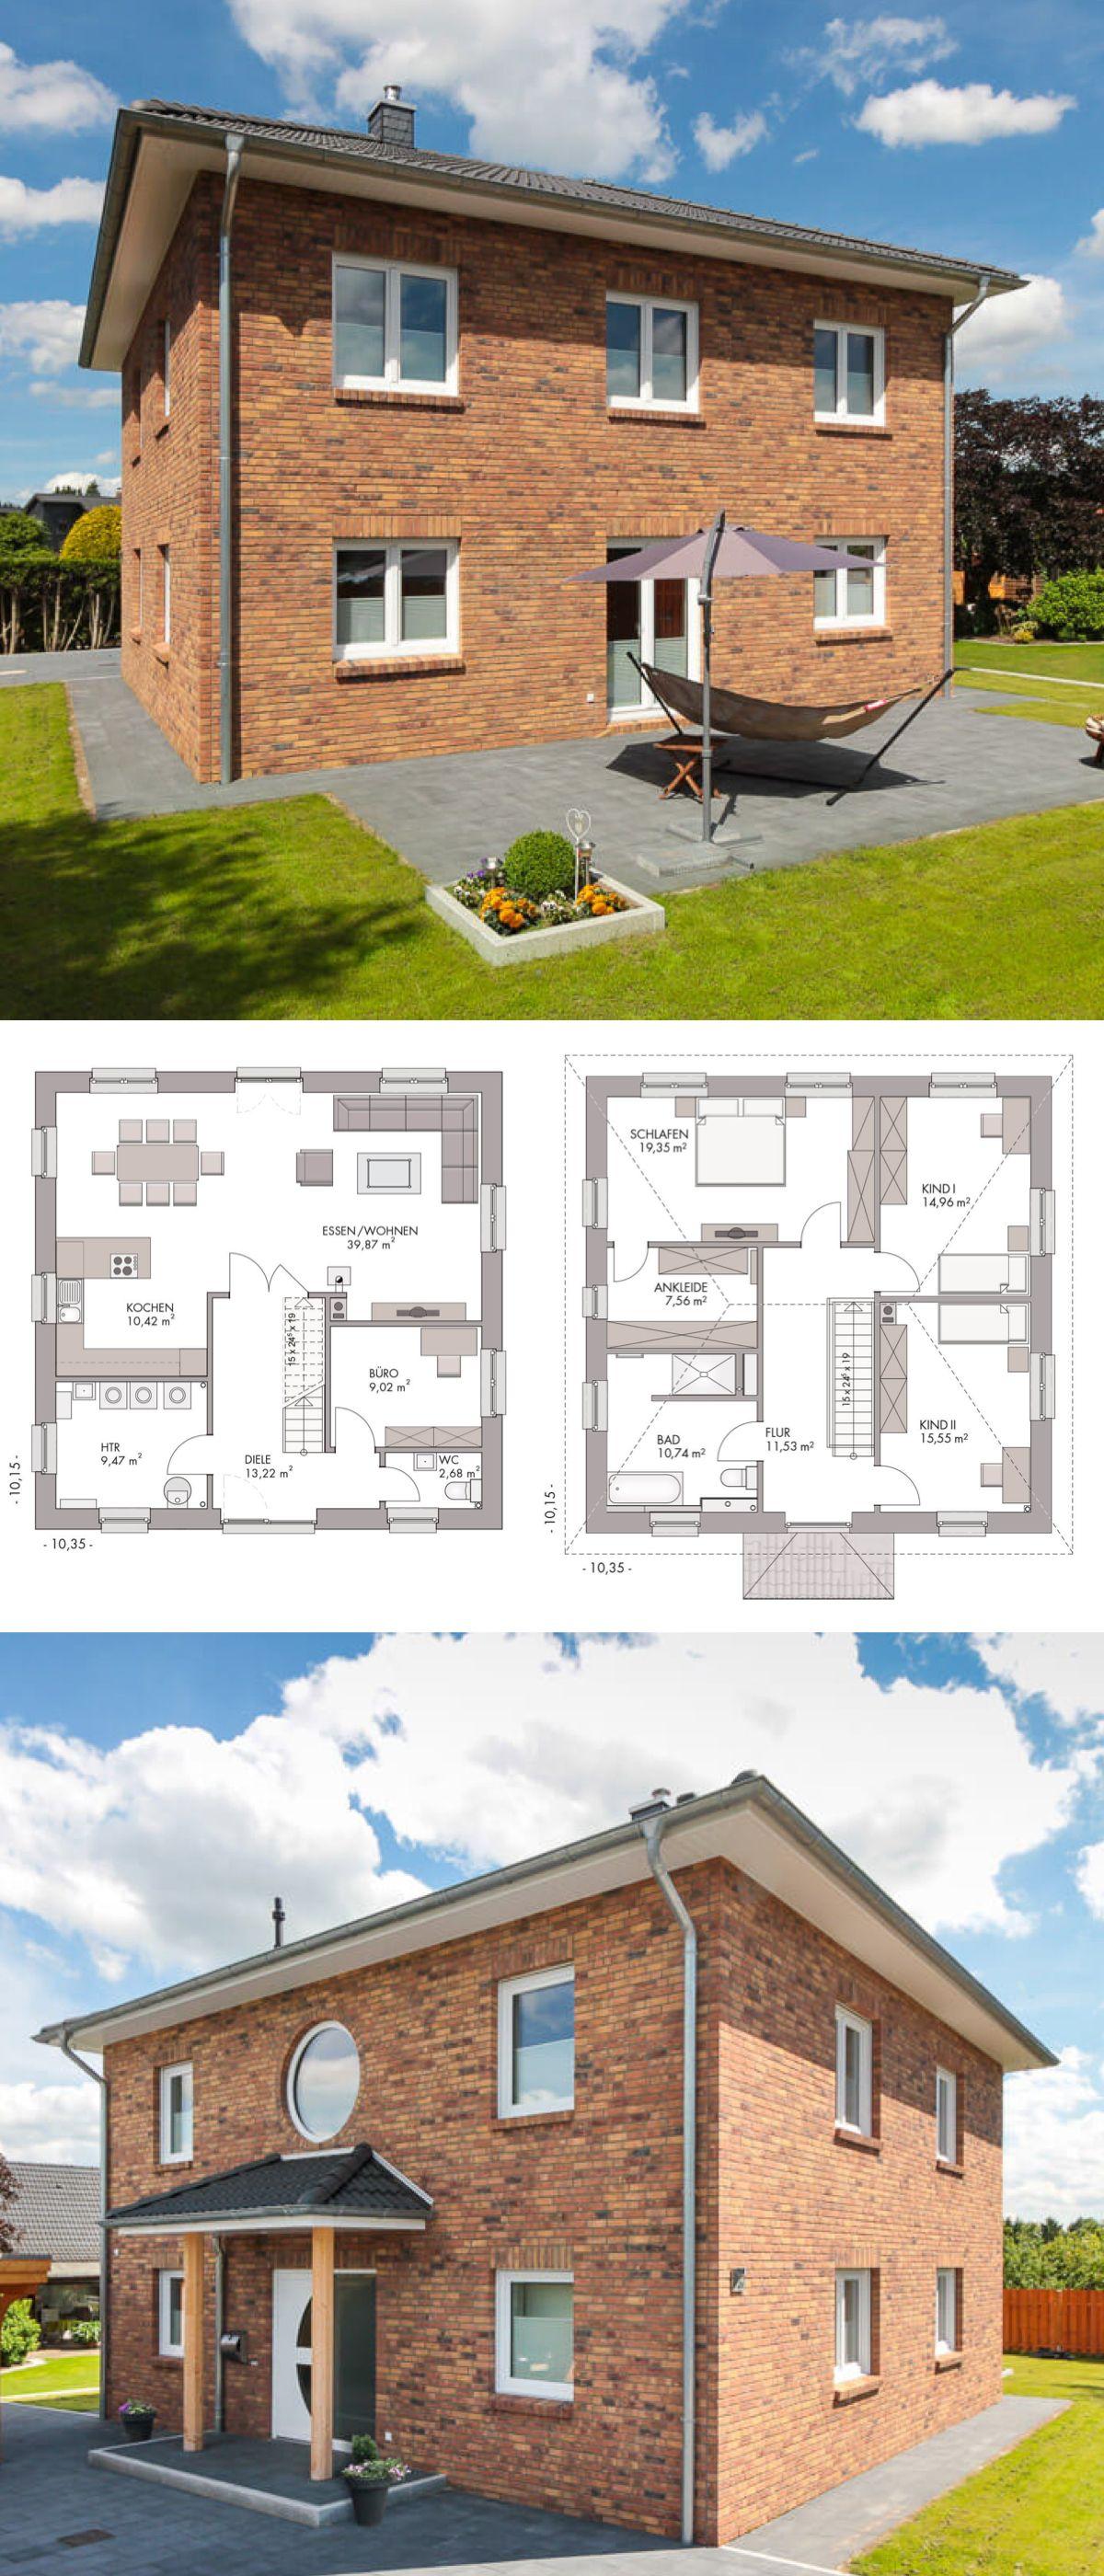 Stadtvilla modern mit klinker fassade walmdach for Massivhaus modern